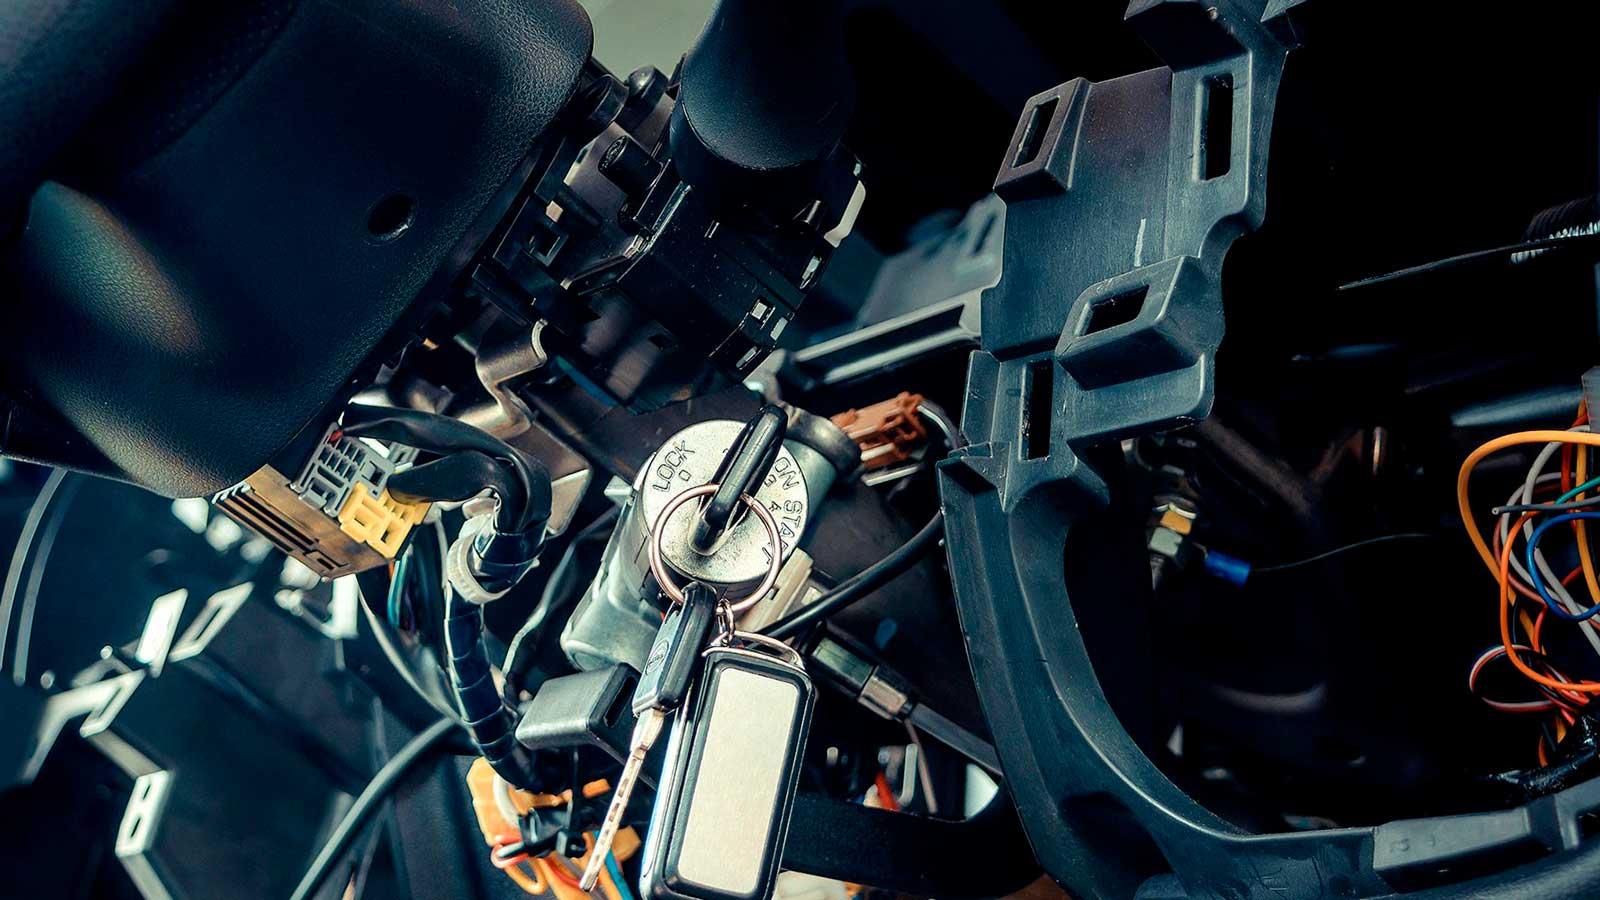 компьютерная диагностика и ремонт автопроводки